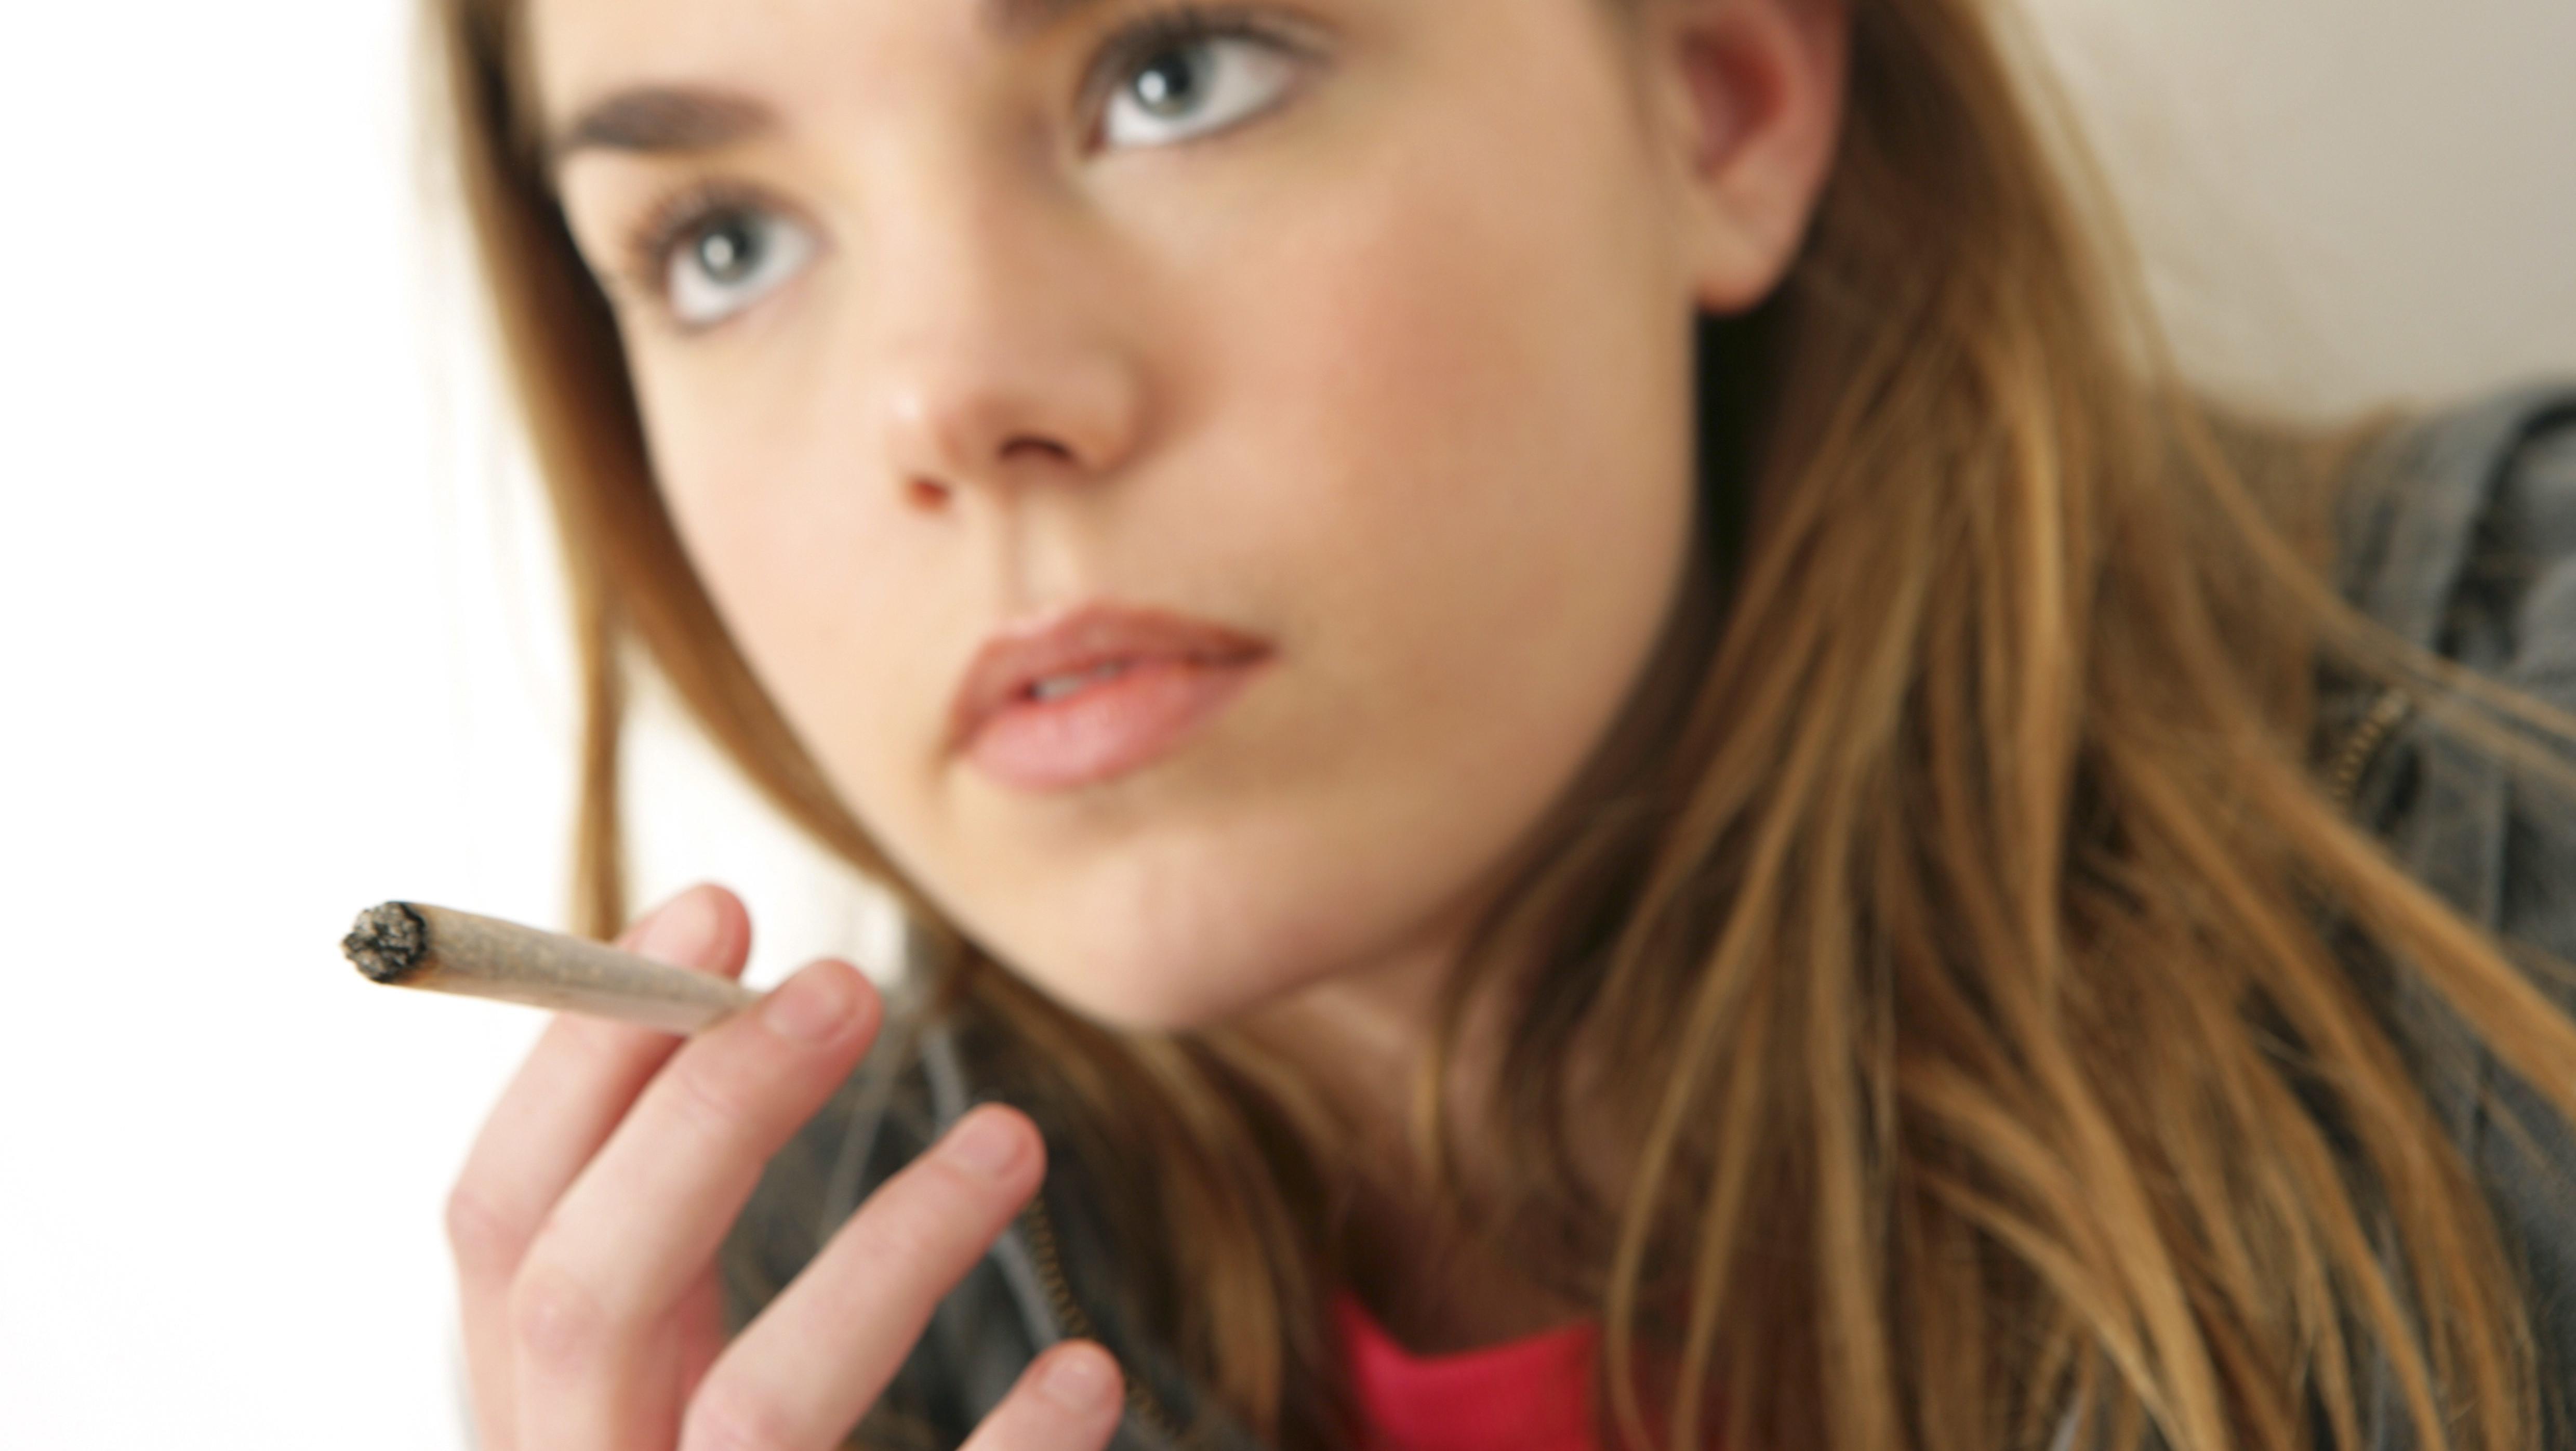 Jugendliche raucht einen Joint. Nach einer Studie der Bundeszentrale für gesundheitliche Aufklärung (BZgA) konsumieren immer mehr Zwölf- bis 25-Jährige Cannabis.